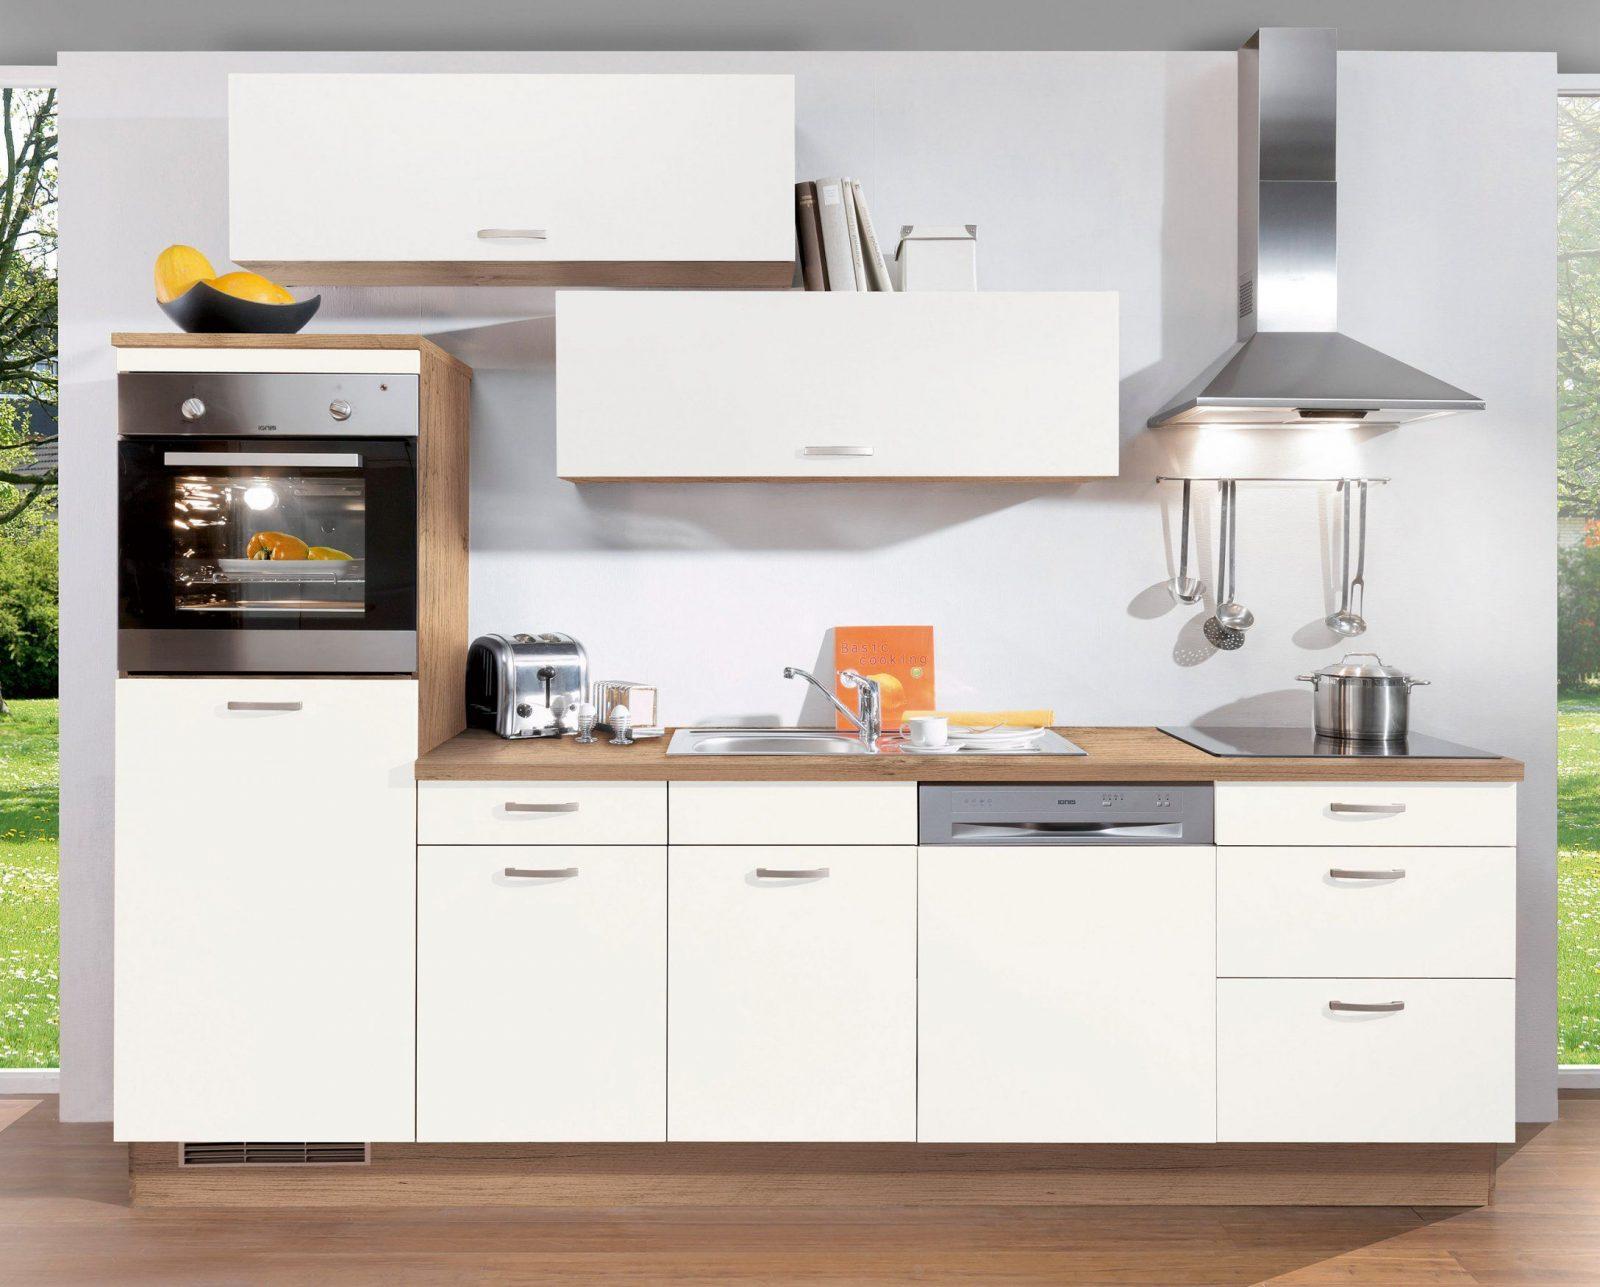 Groß Küchenblock Mit Geräten Günstig Grosartig Kuche 280 Cm Gunstige von Küchenzeile 280 Cm Mit Elektrogeräten Günstig Bild